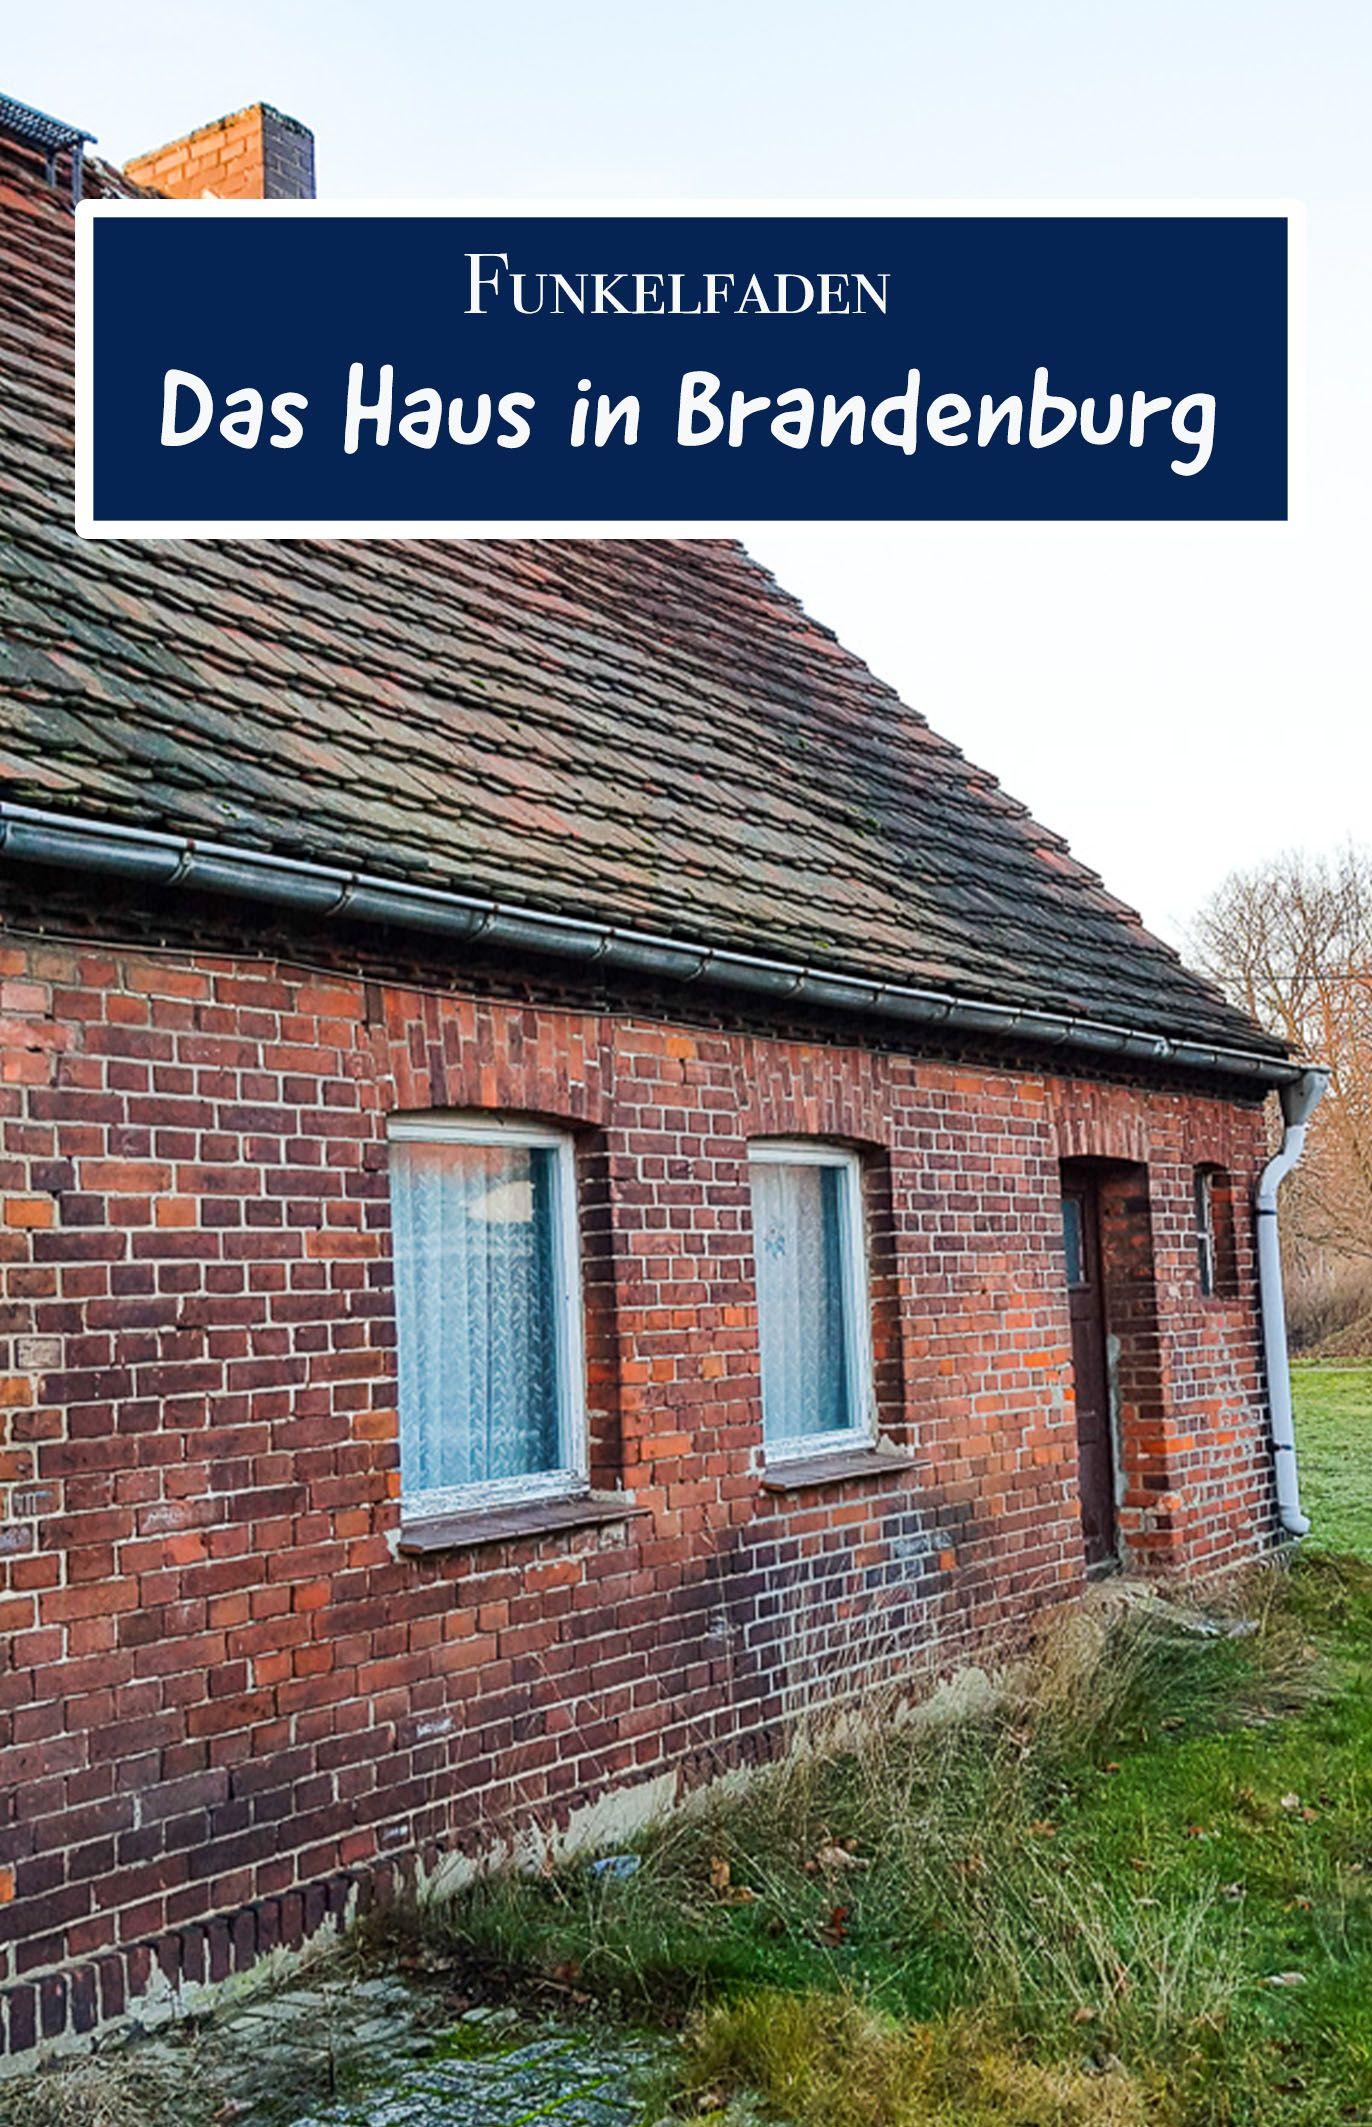 Schnappchenhaus In Brandenburg Kaufen So Gehts Ganz Einfach Zum Haus In 2020 Anleitungen Ideen Zum Selbermachen Fur Kinder Nahanleitung